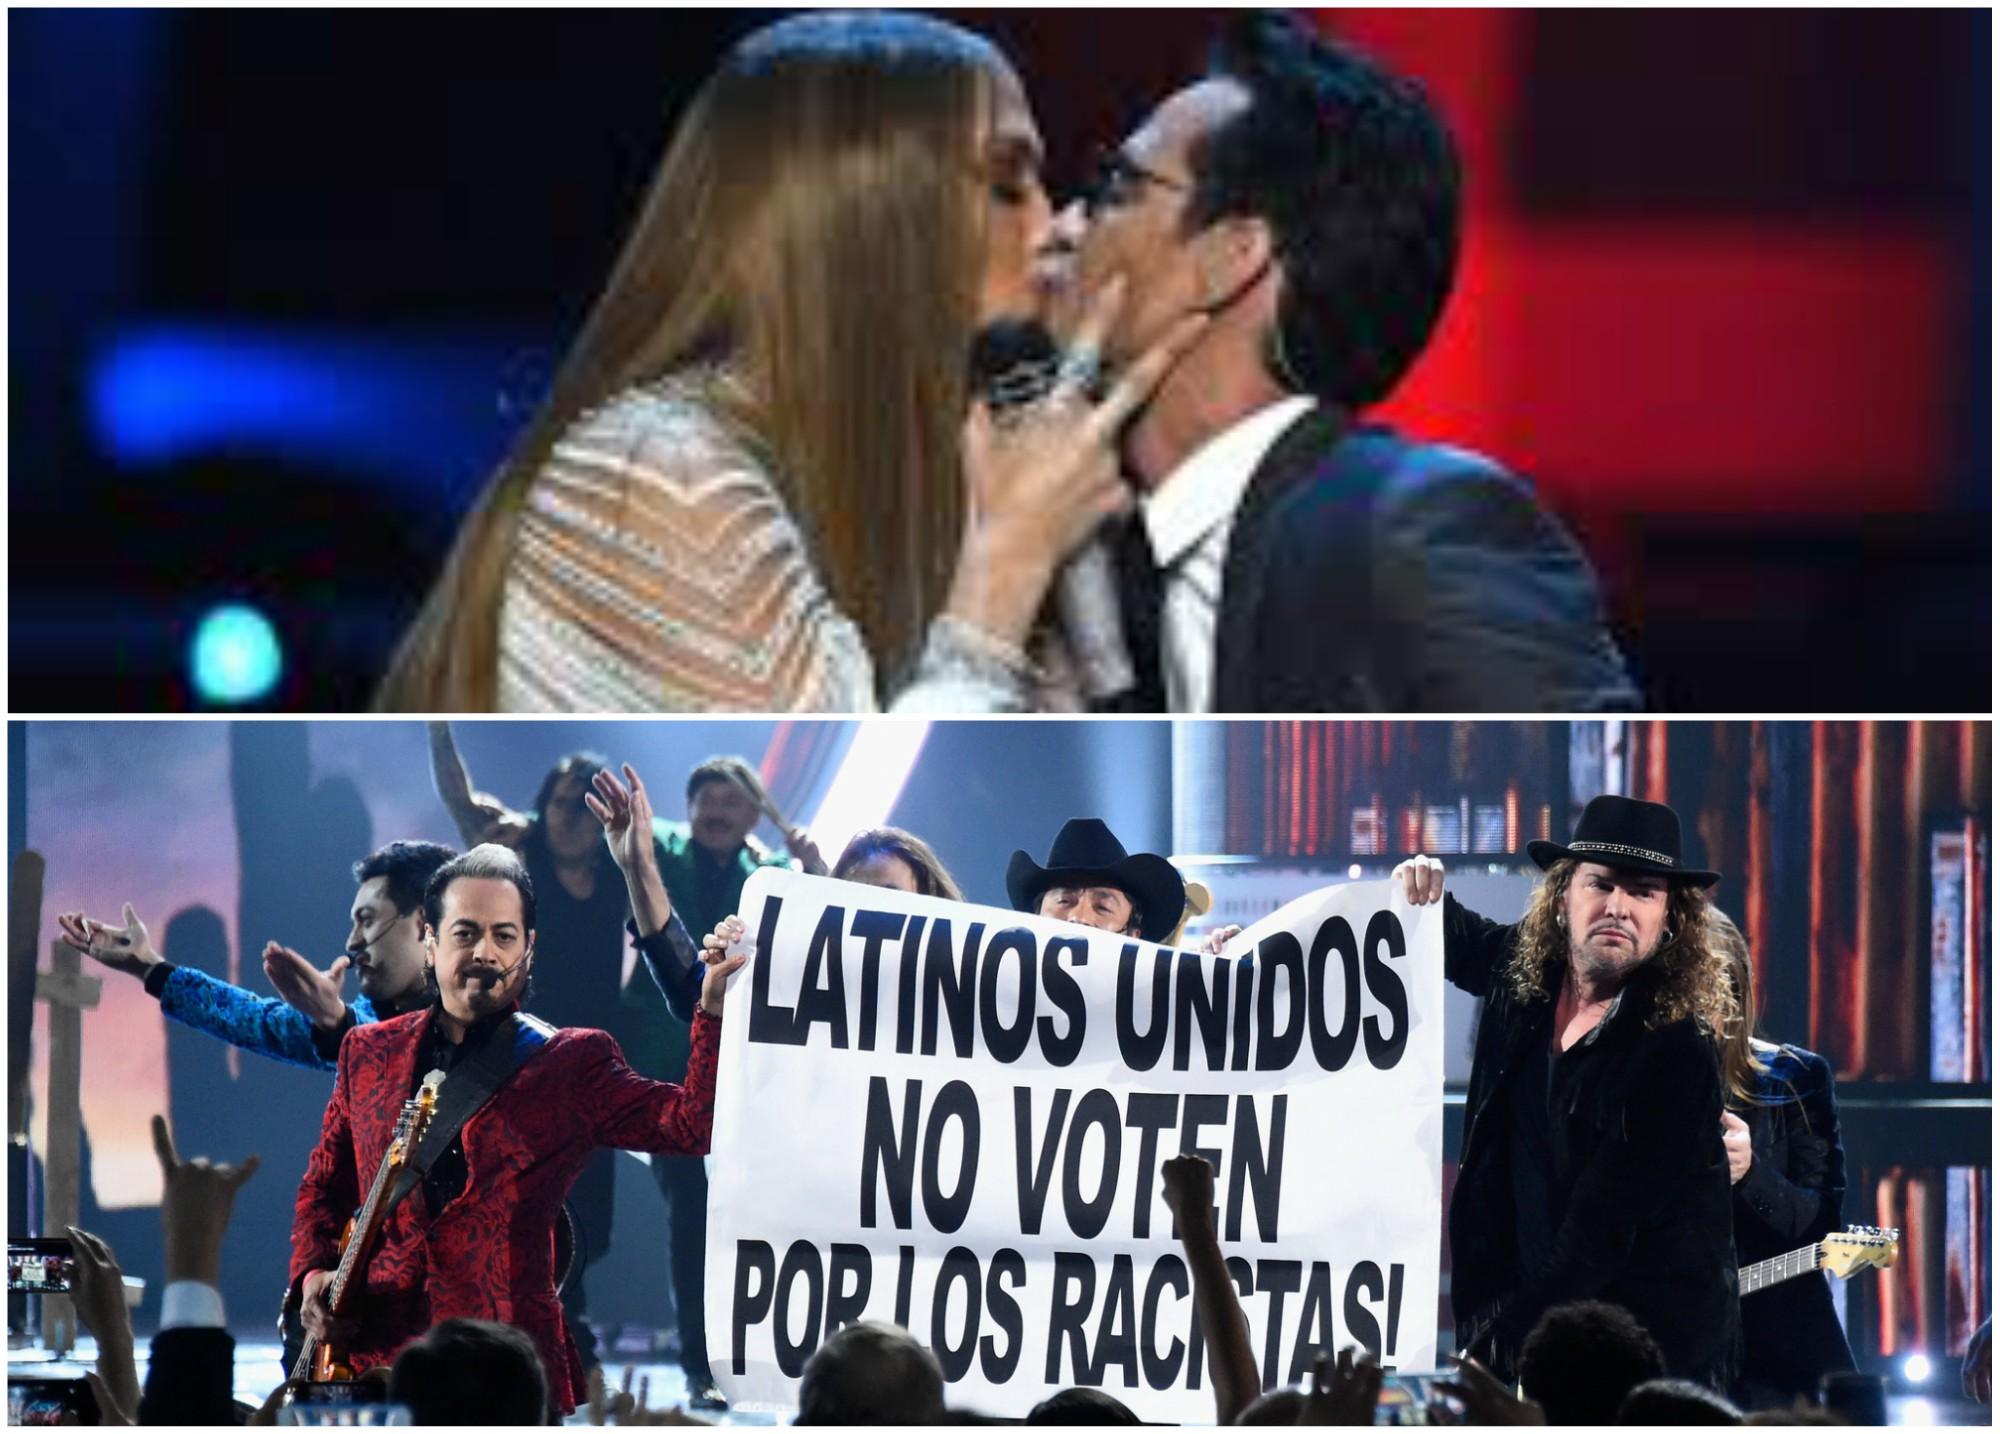 Recuerda los momentos más polémicos en la historia de los Latin Grammy